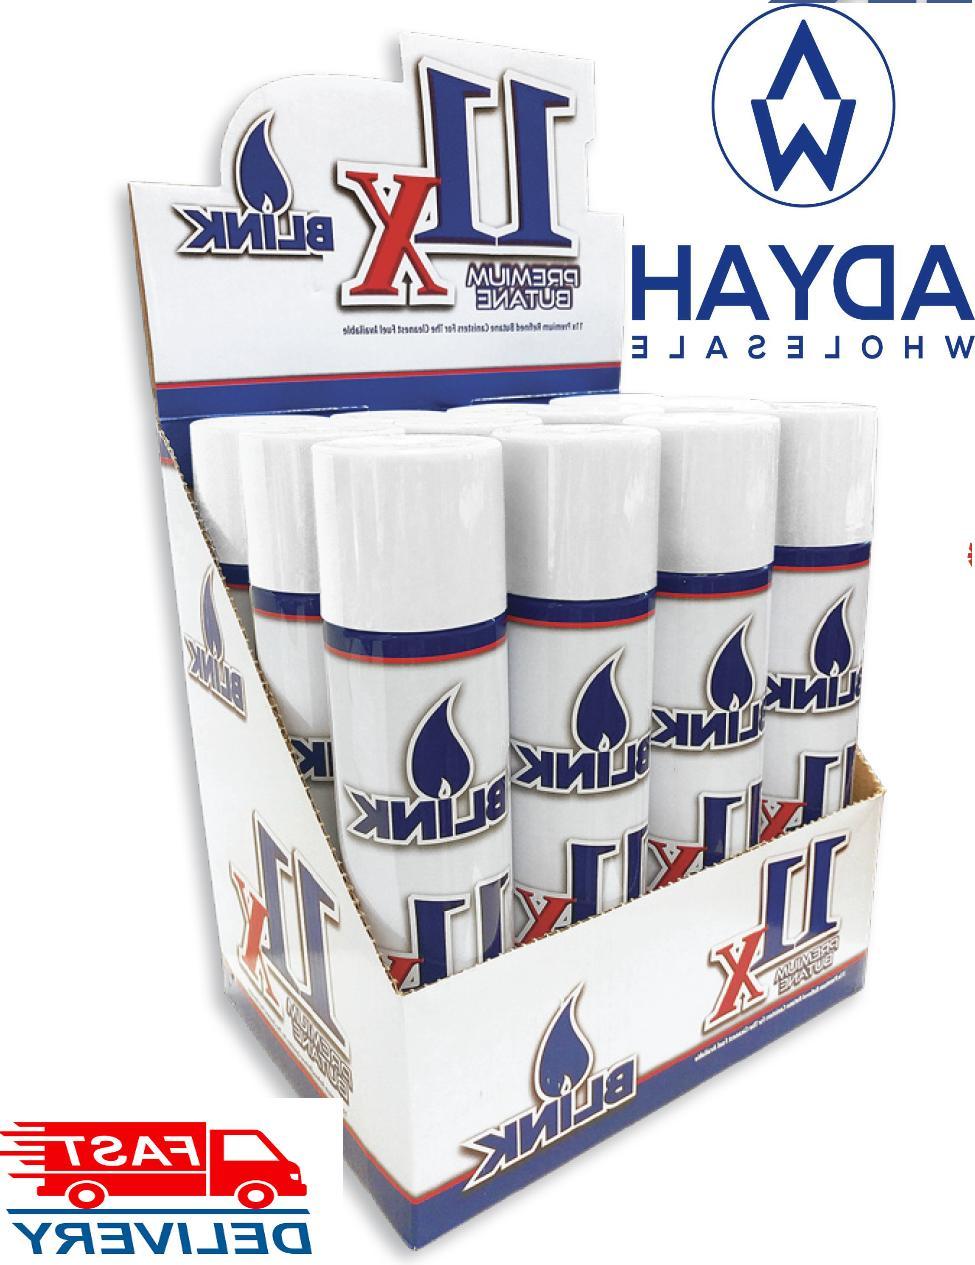 11x ultra refined butane gas filtered lighter